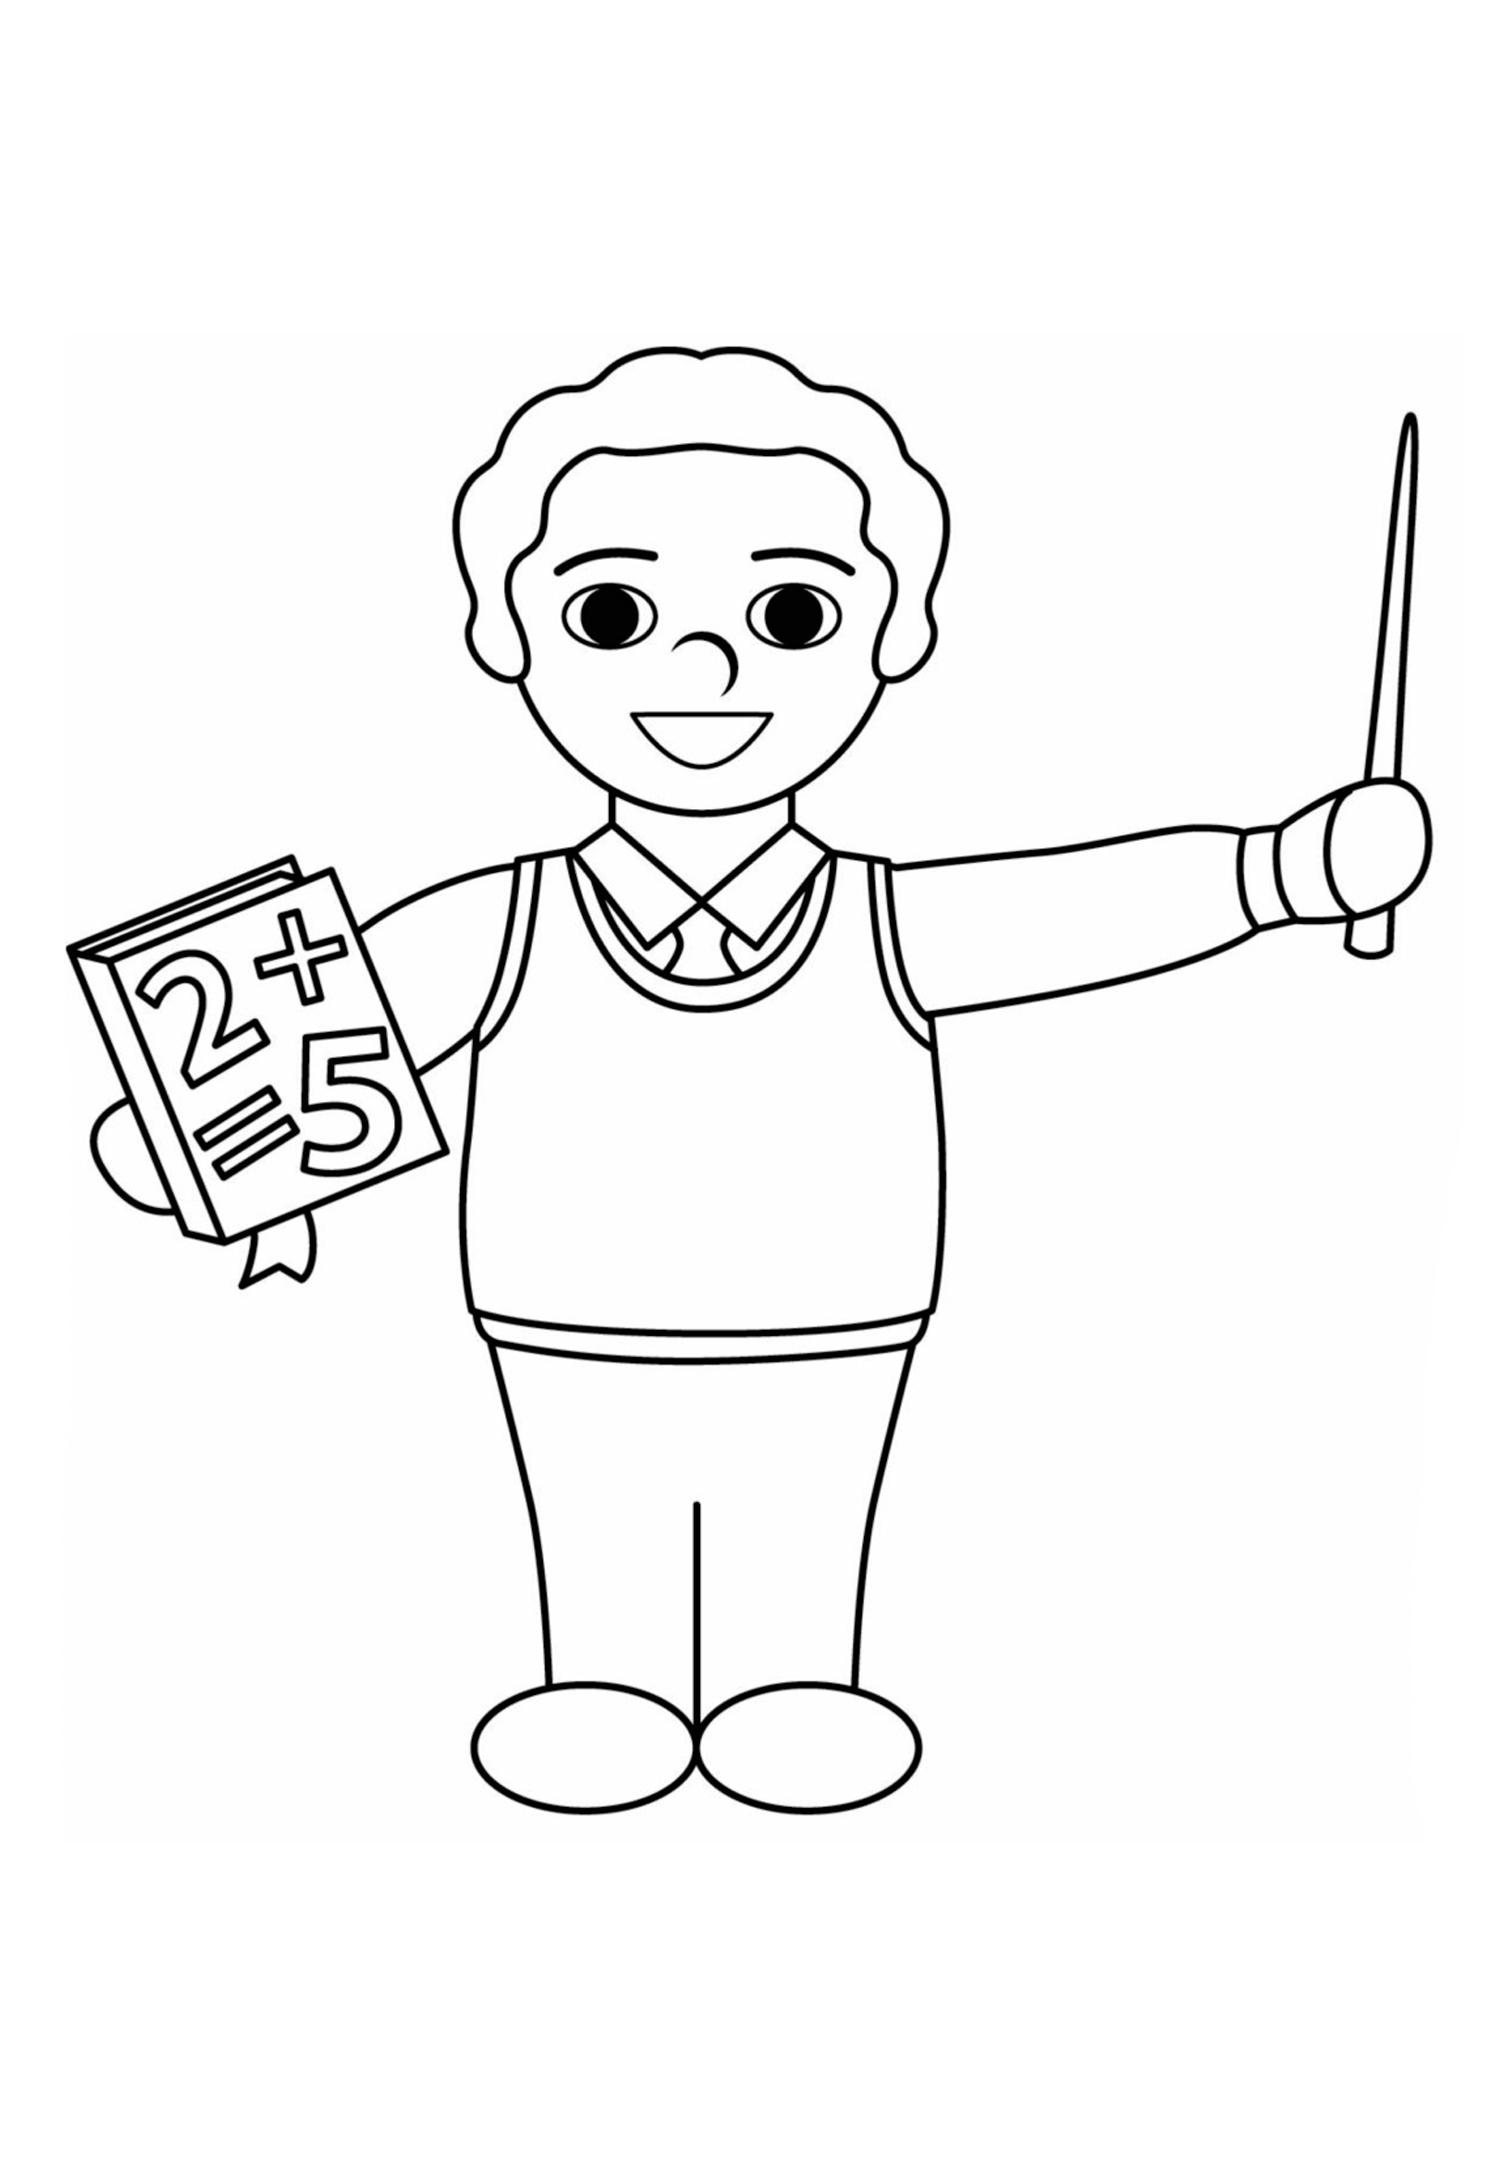 Раскраска Первый учитель распечатать или скачать бесплатно